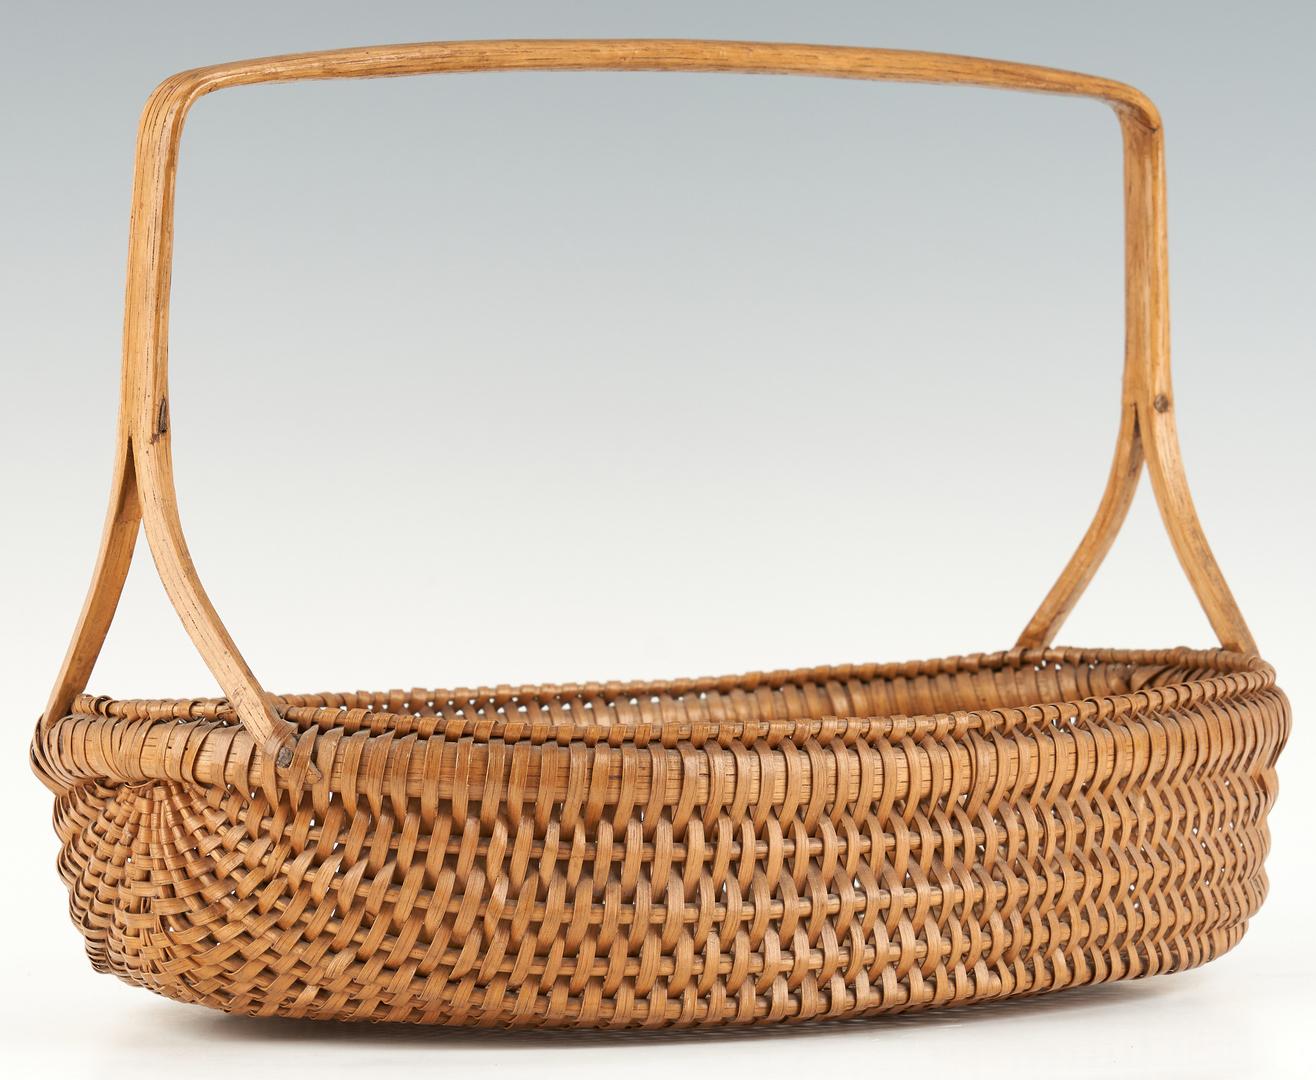 Lot 200: Forked Handle Wythe Co. VA Oval Basket